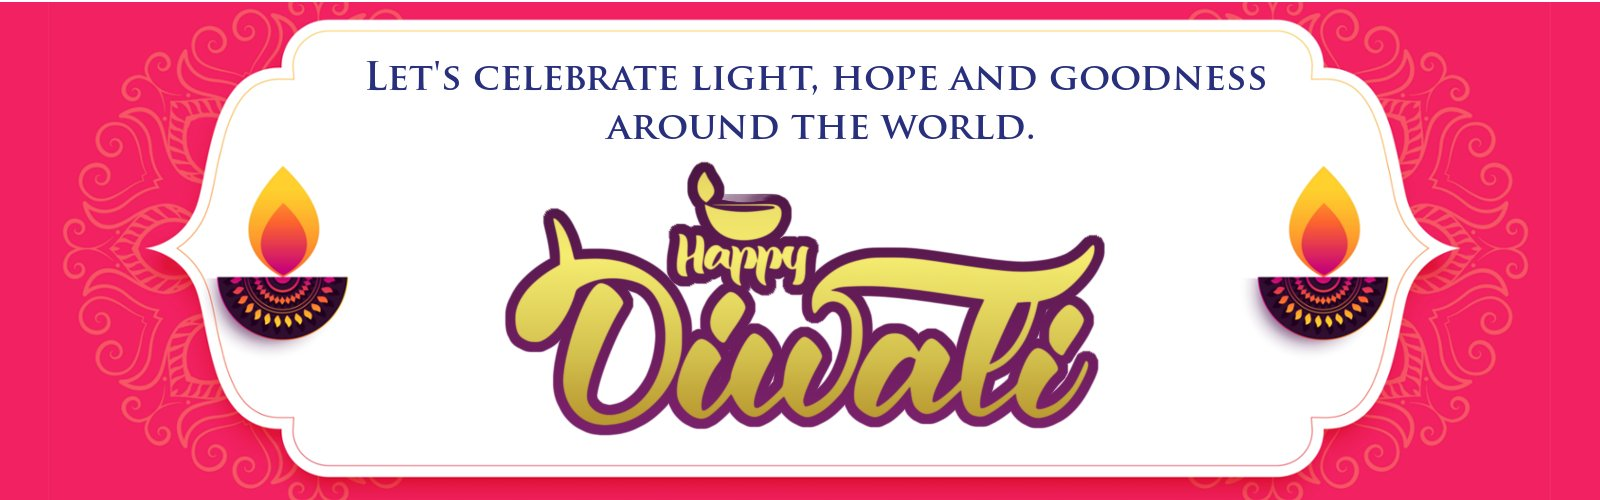 Wish You Happy Diwali & Prosperous New Year !!!